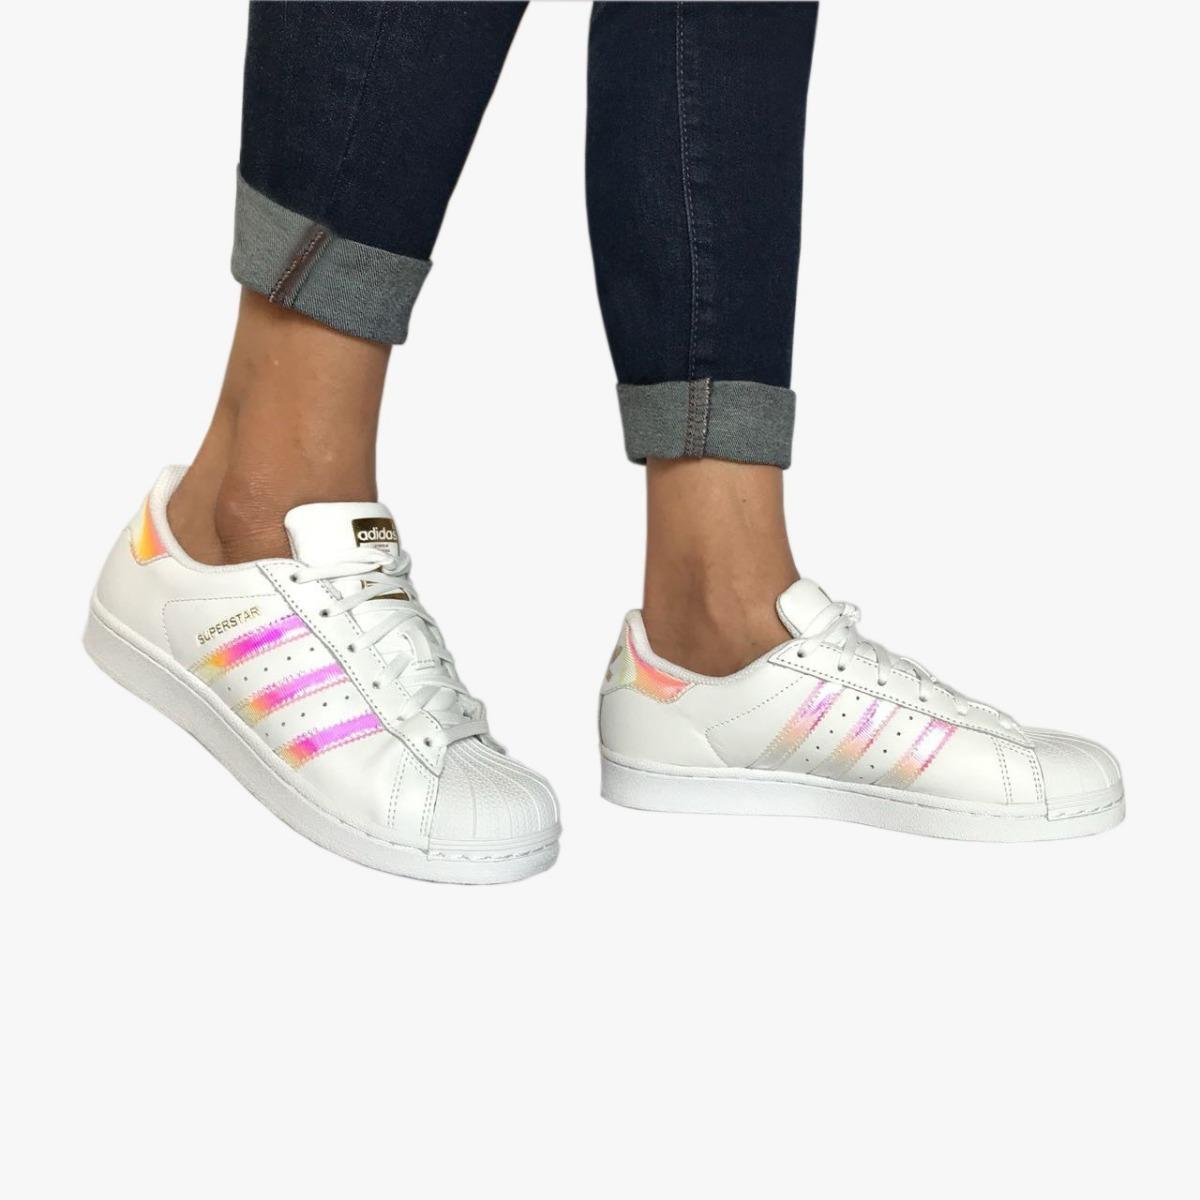 Zapatillas adidas Superstar Originals Holograma Rosa